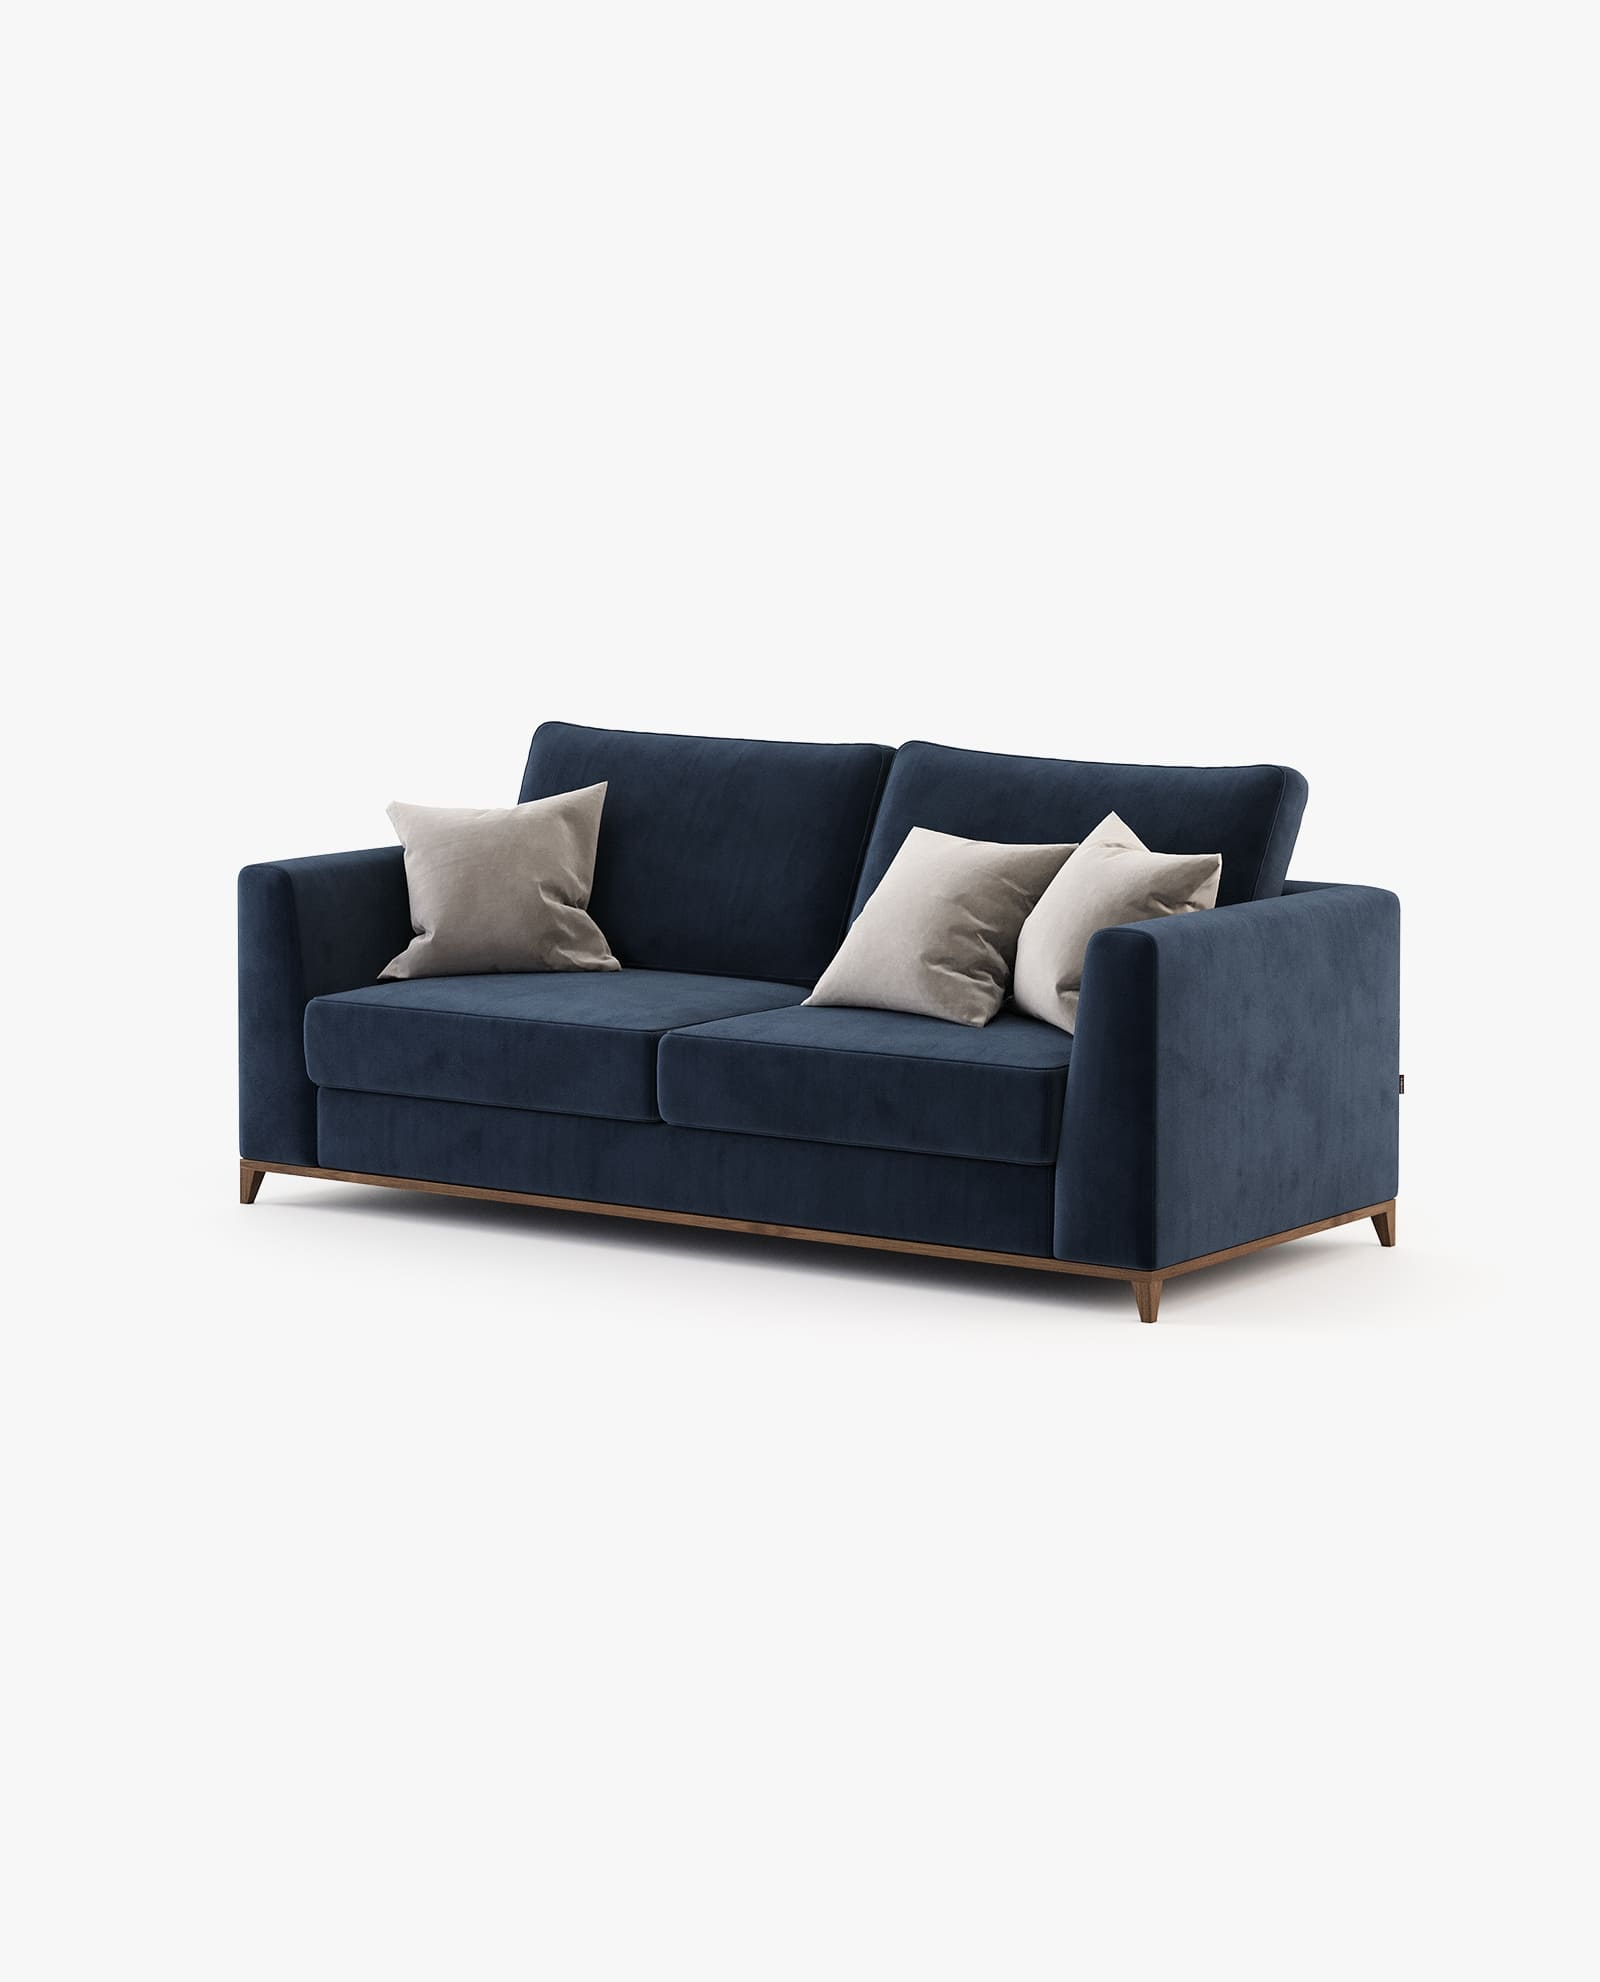 sofá em veludo azul marinho